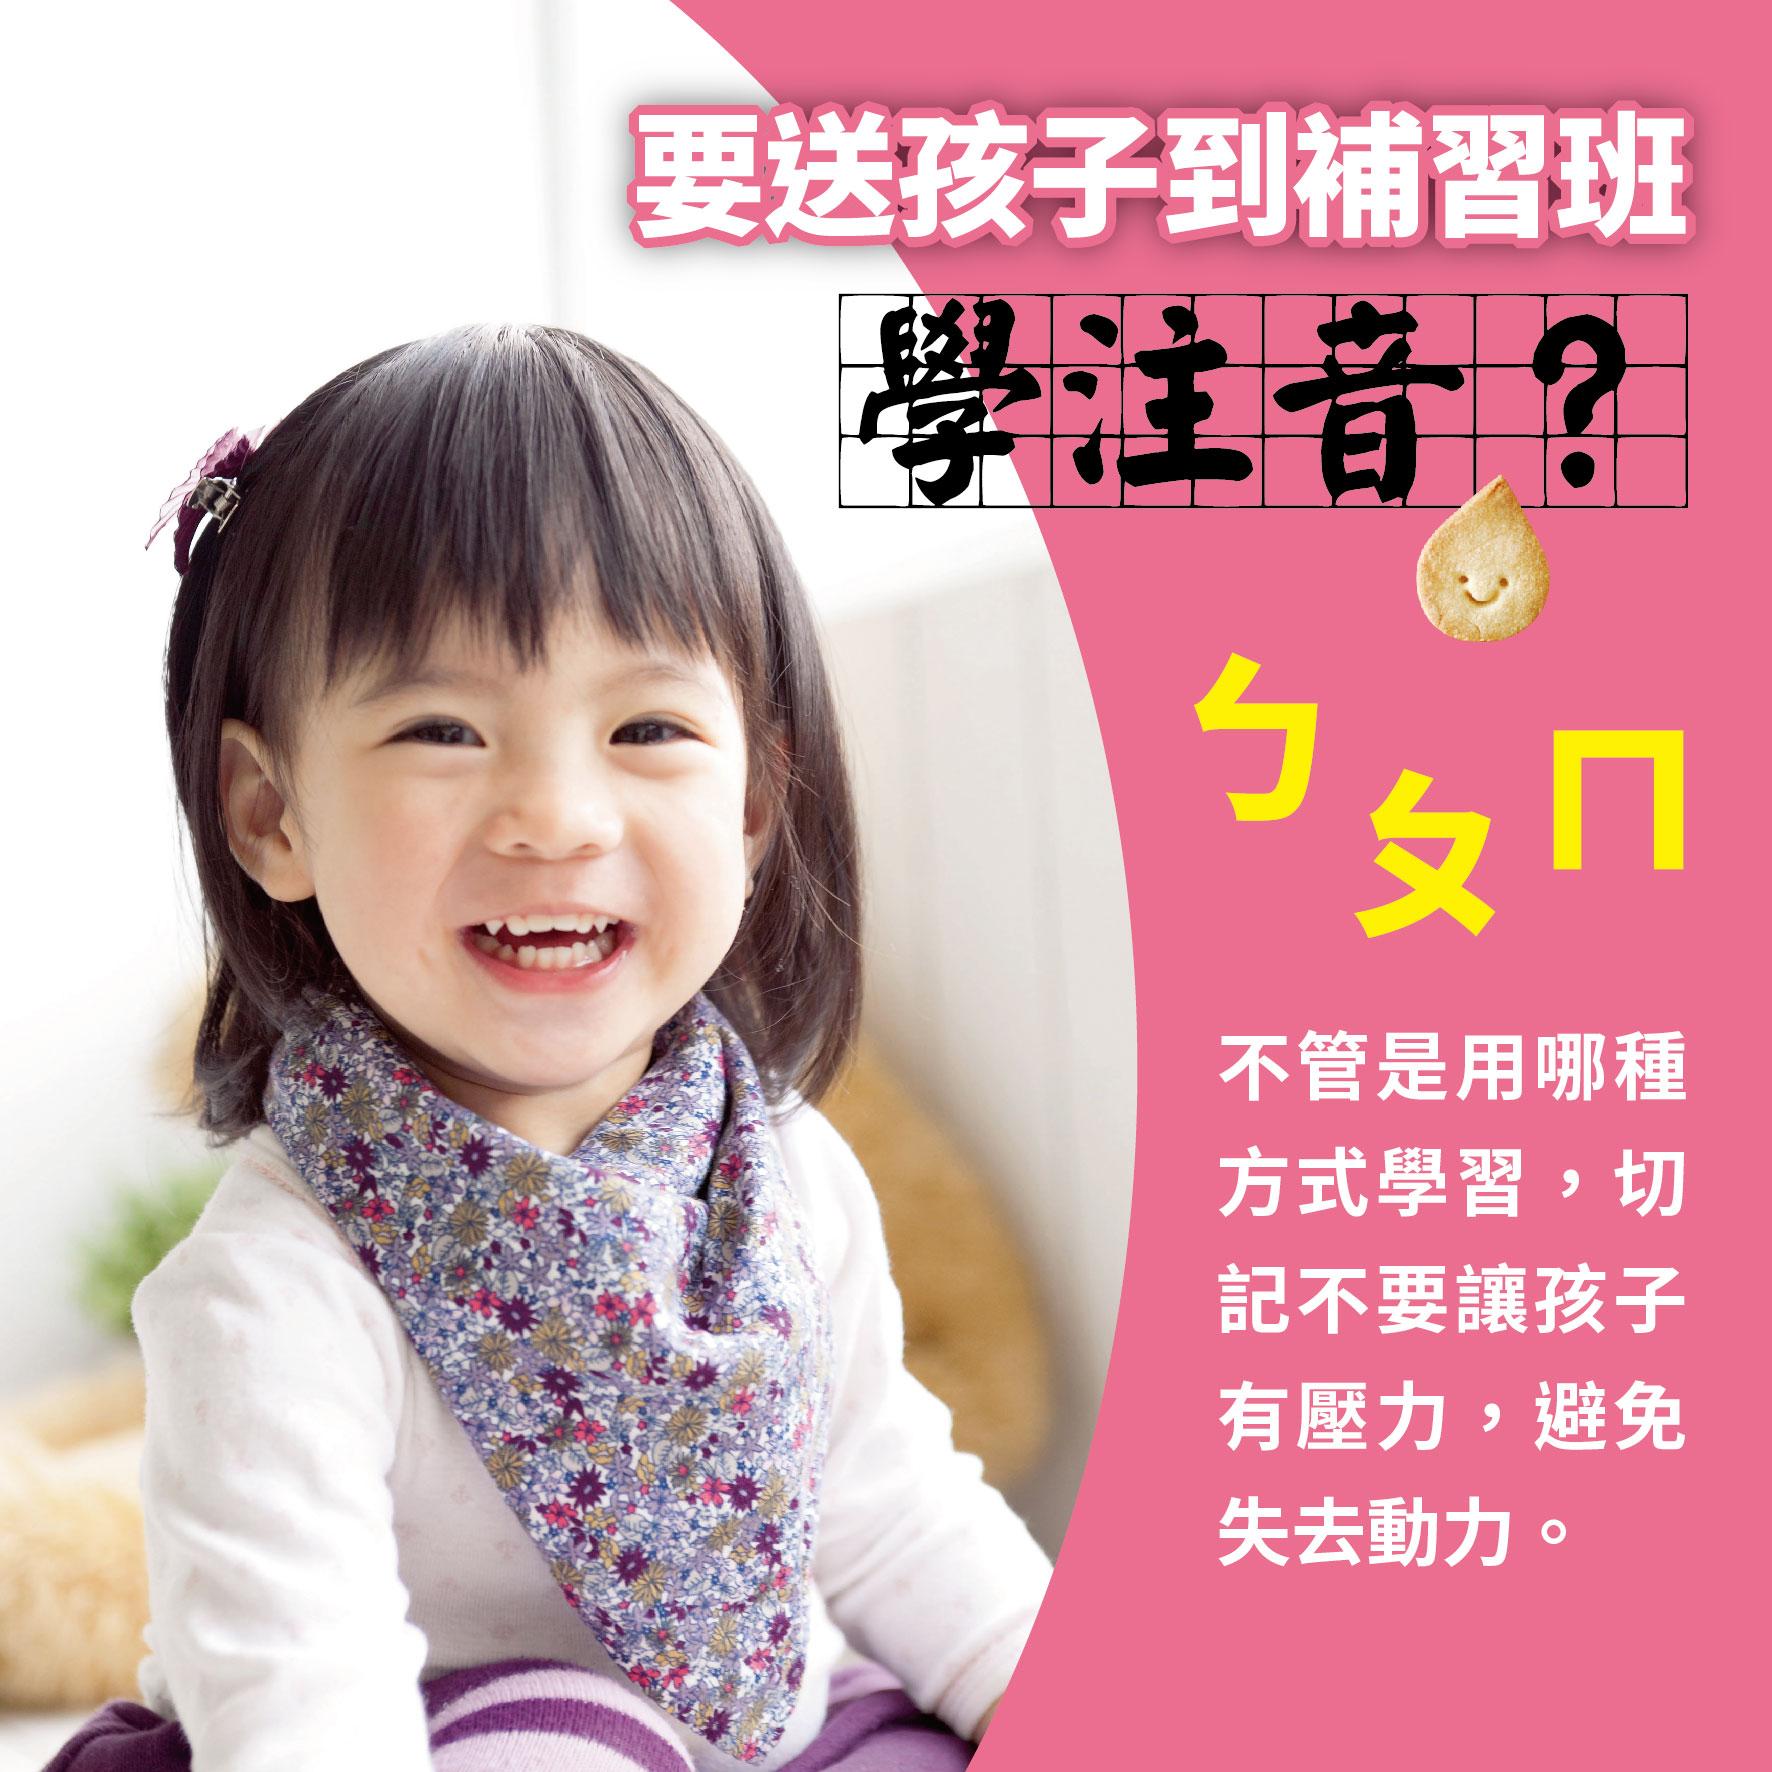 幼兒6歲(第6週)要送孩子到補習班學注音?